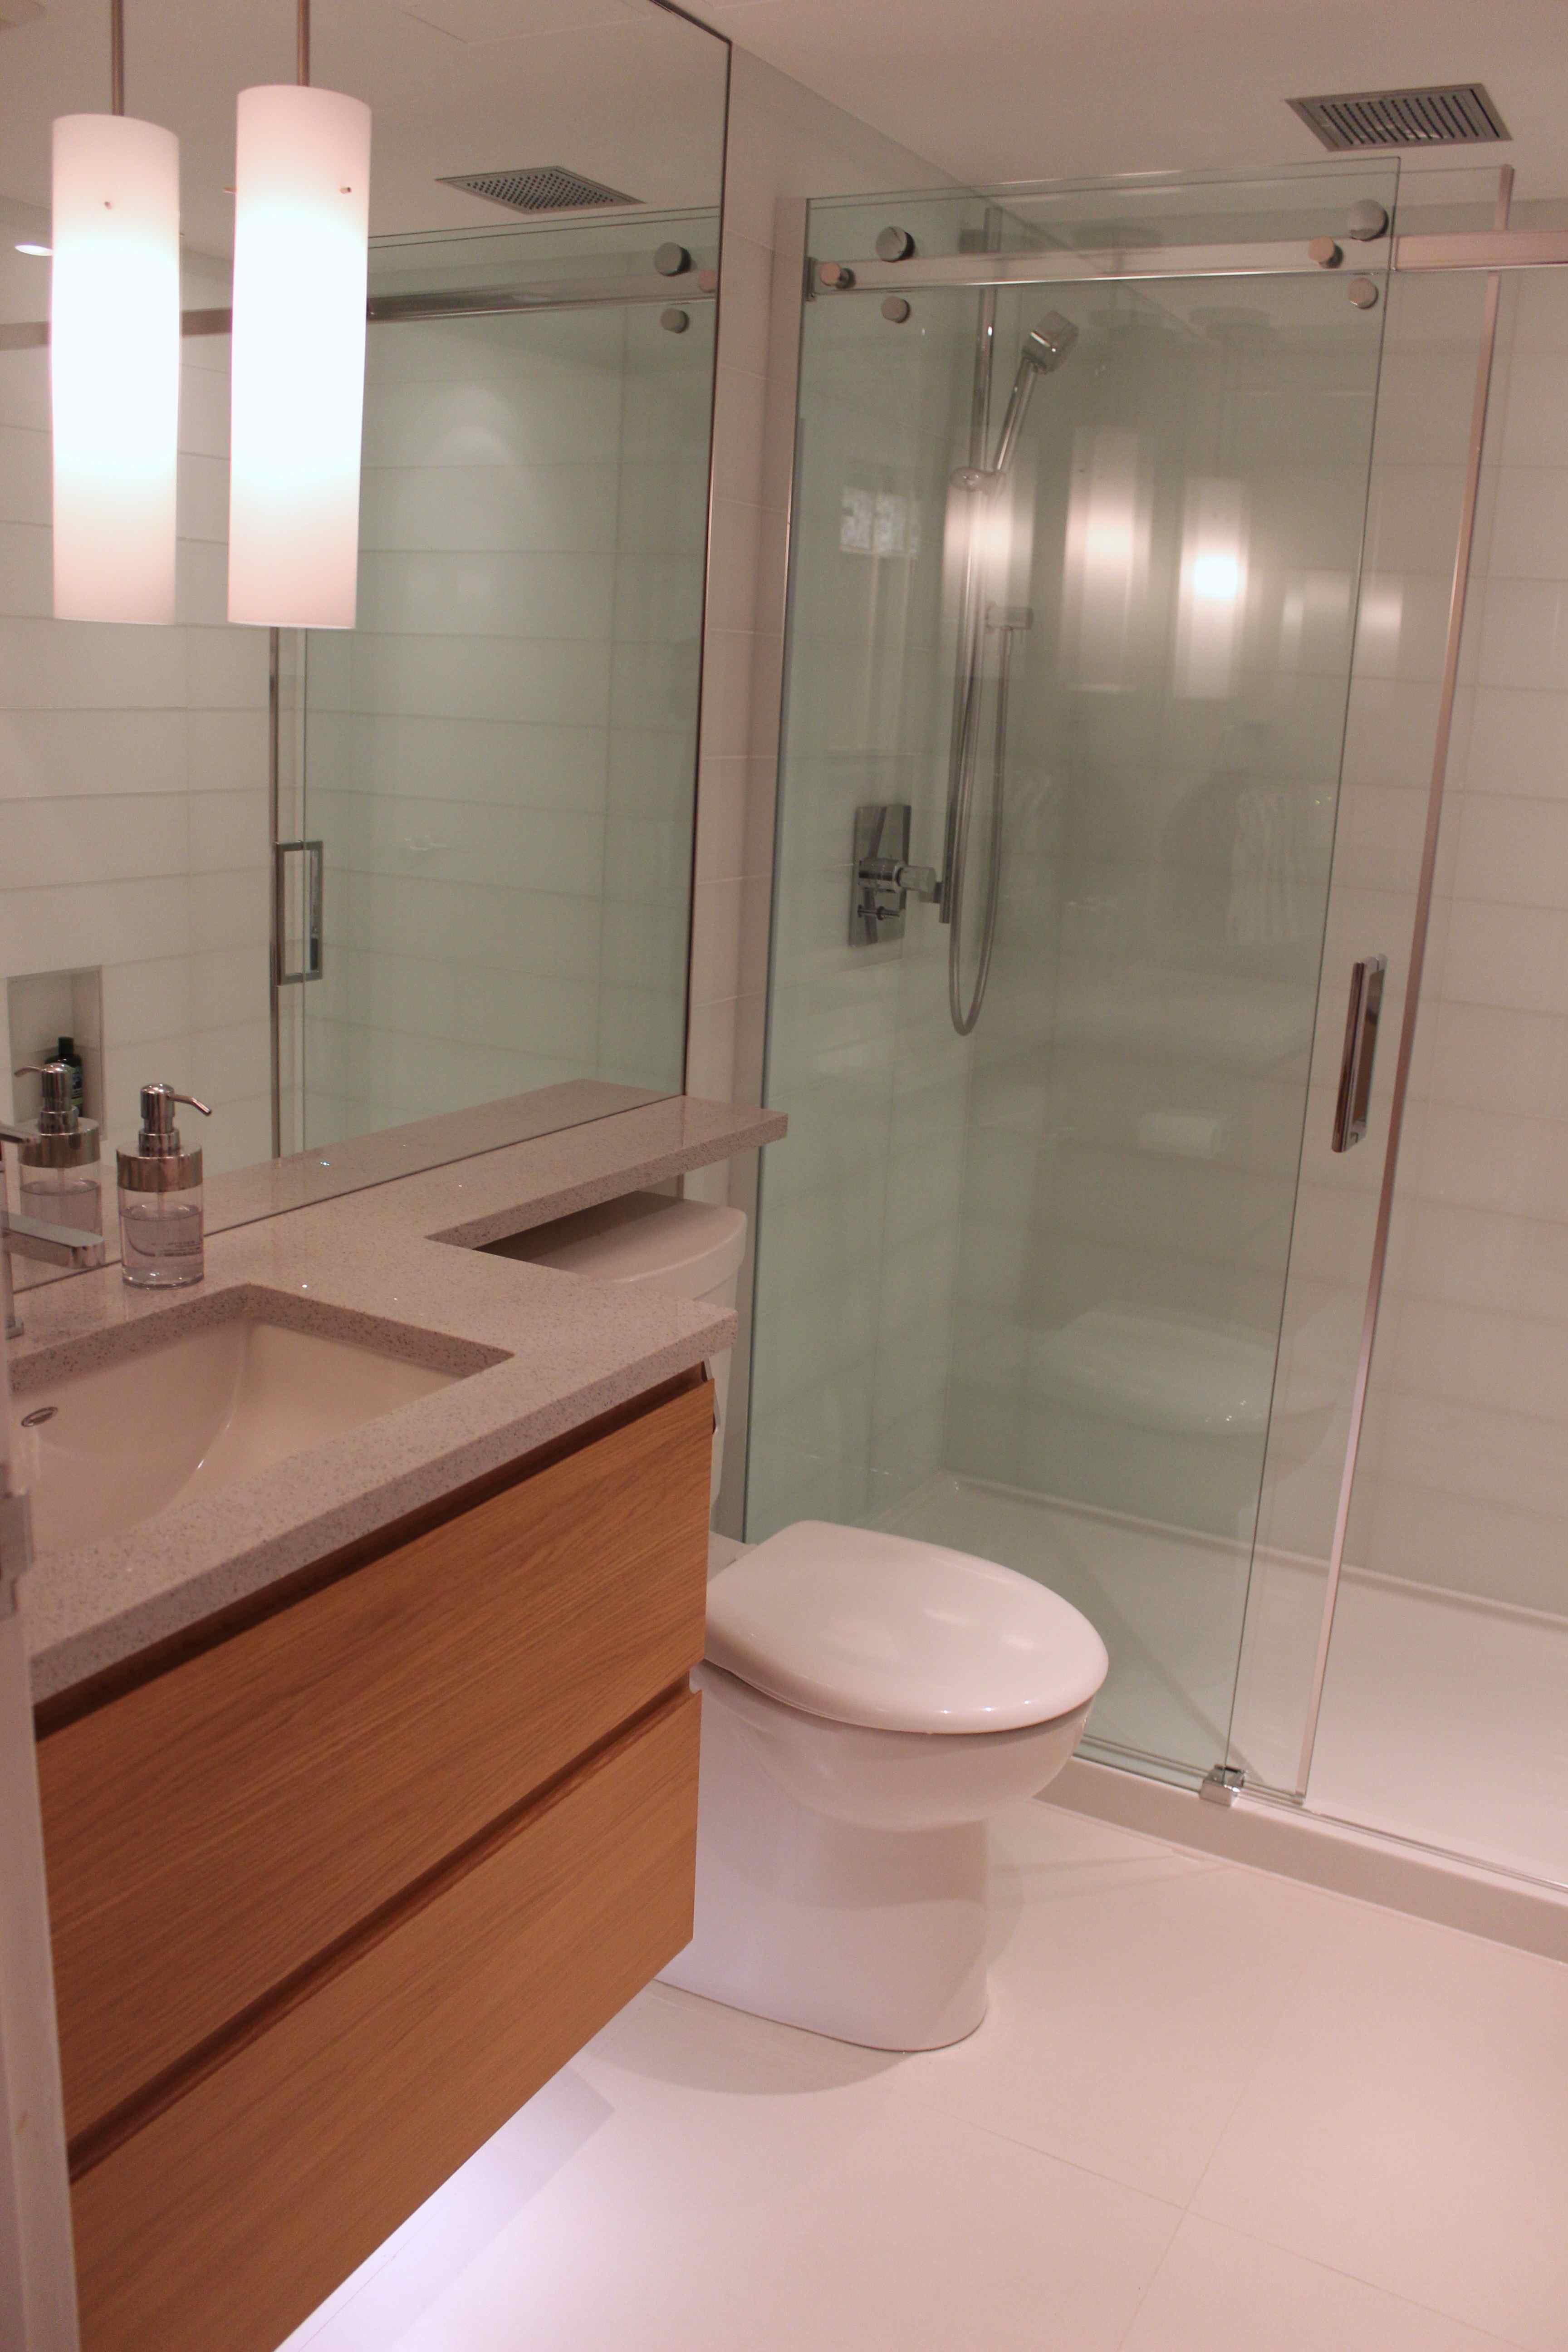 Condo Bathroom Reno (front)